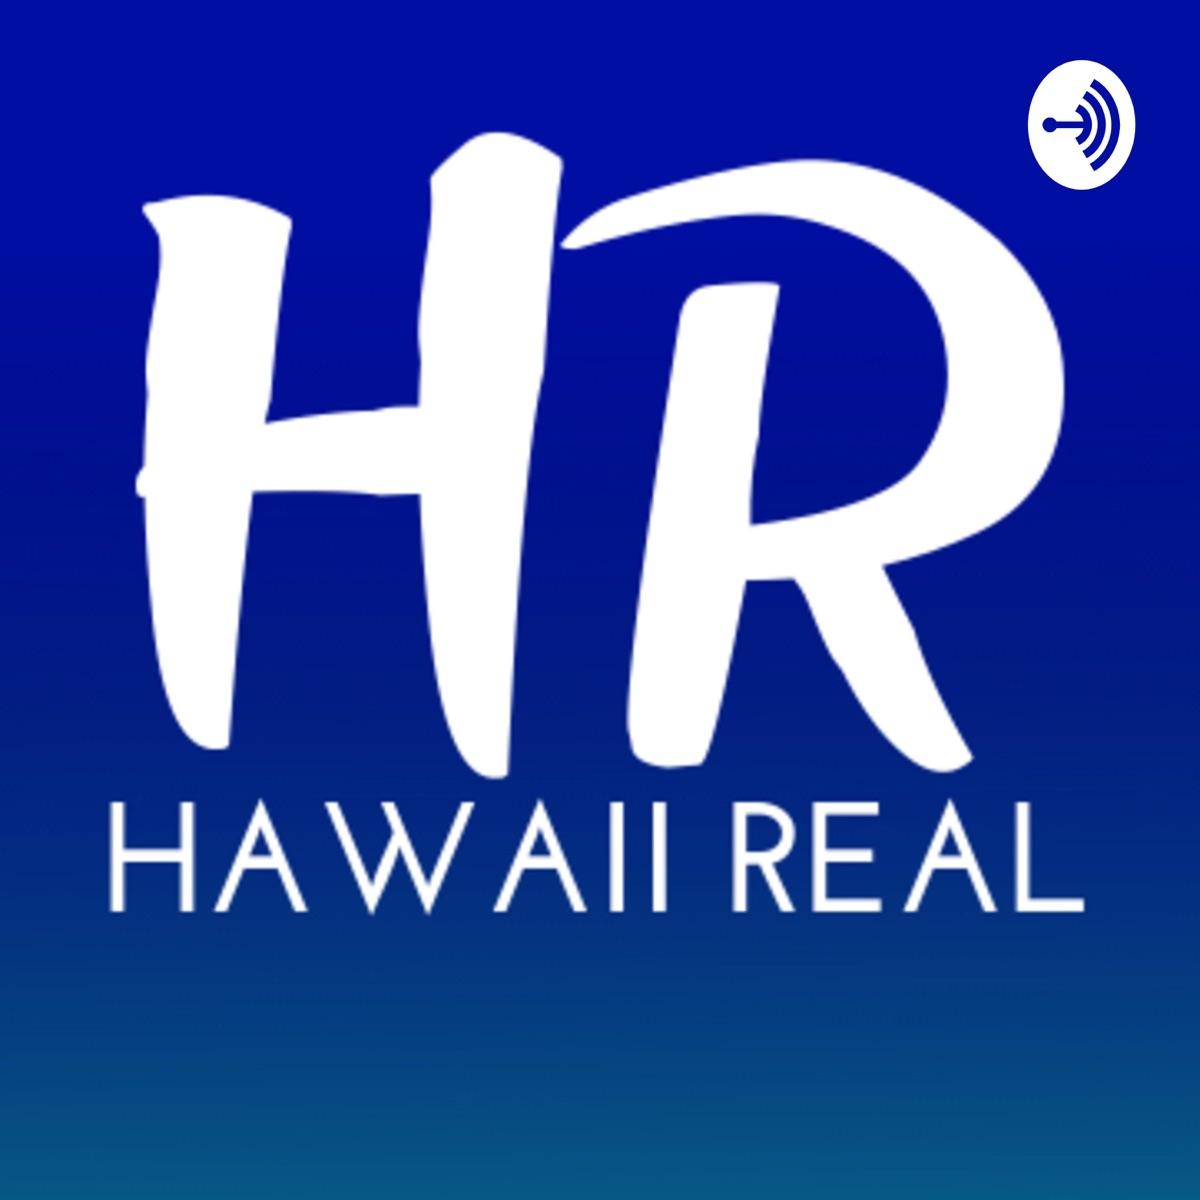 Hawaii Real